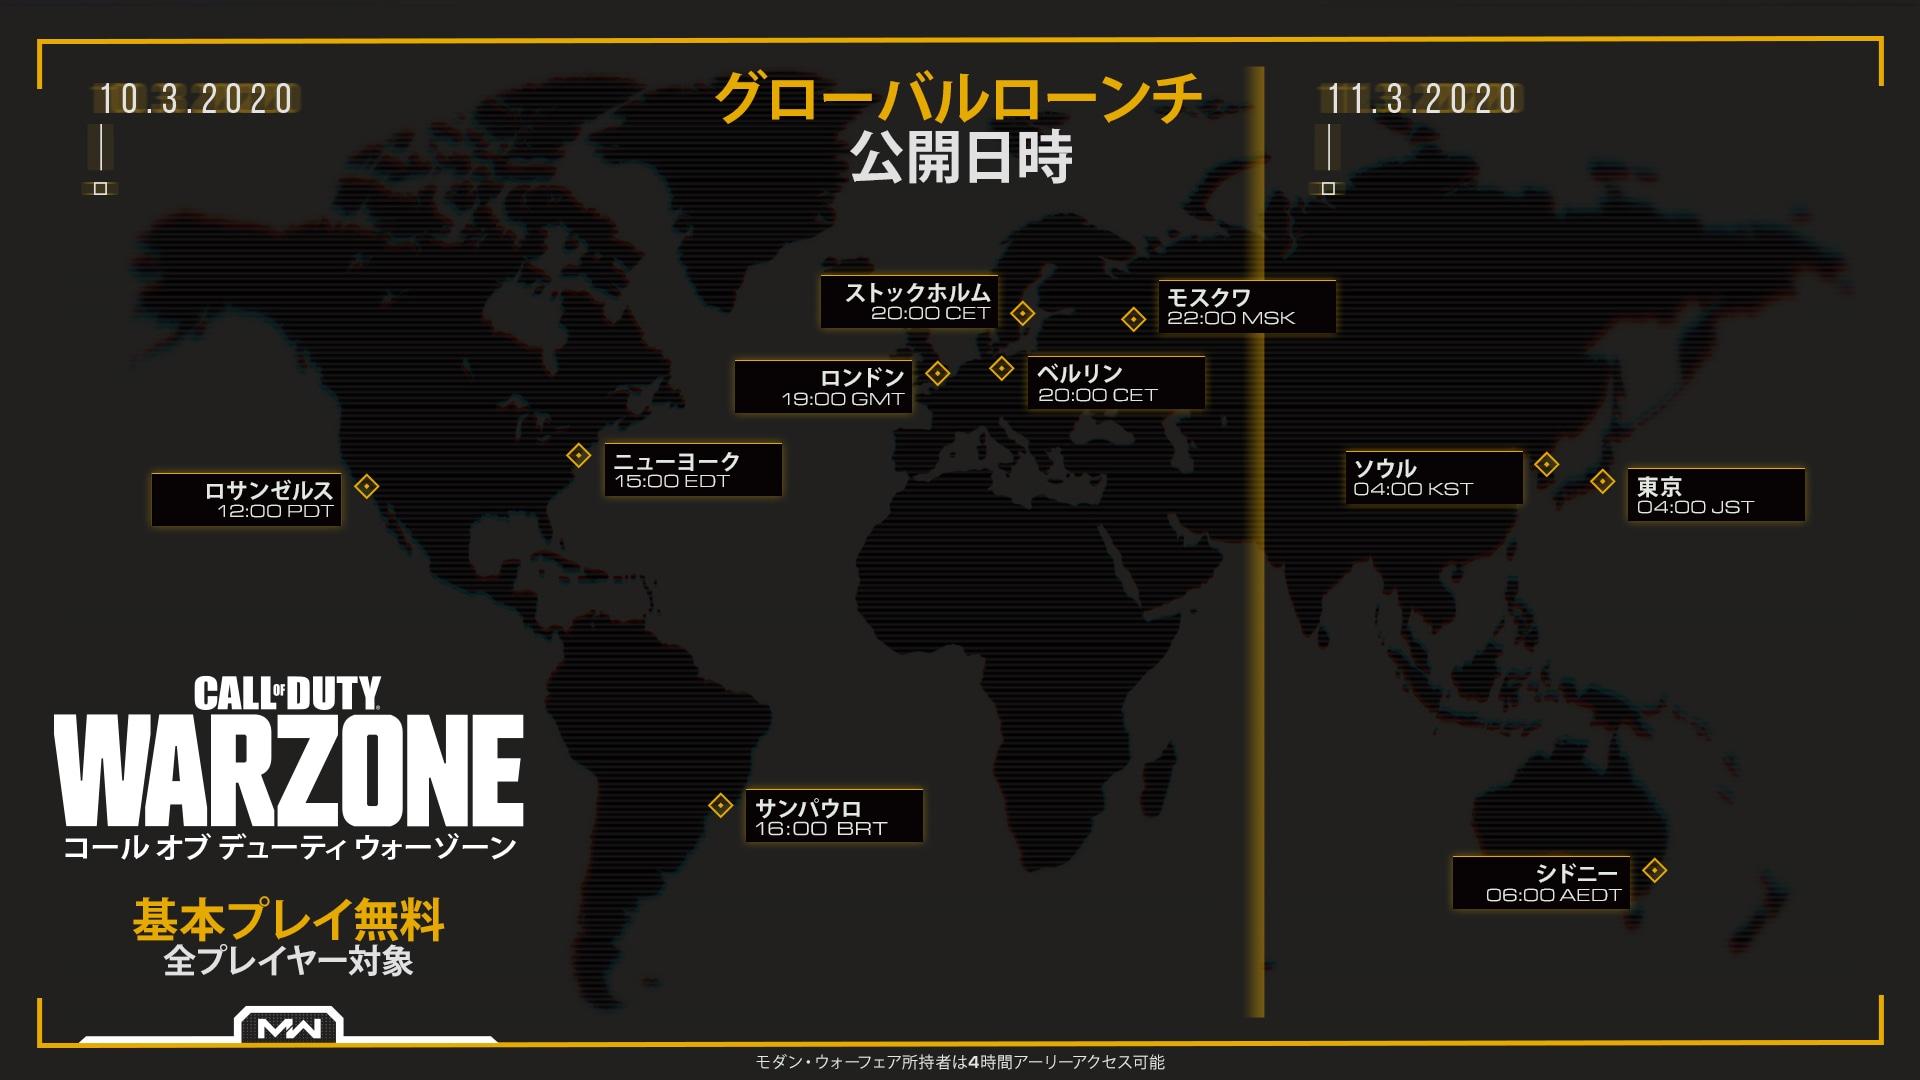 配信開始日時のワールドマップ